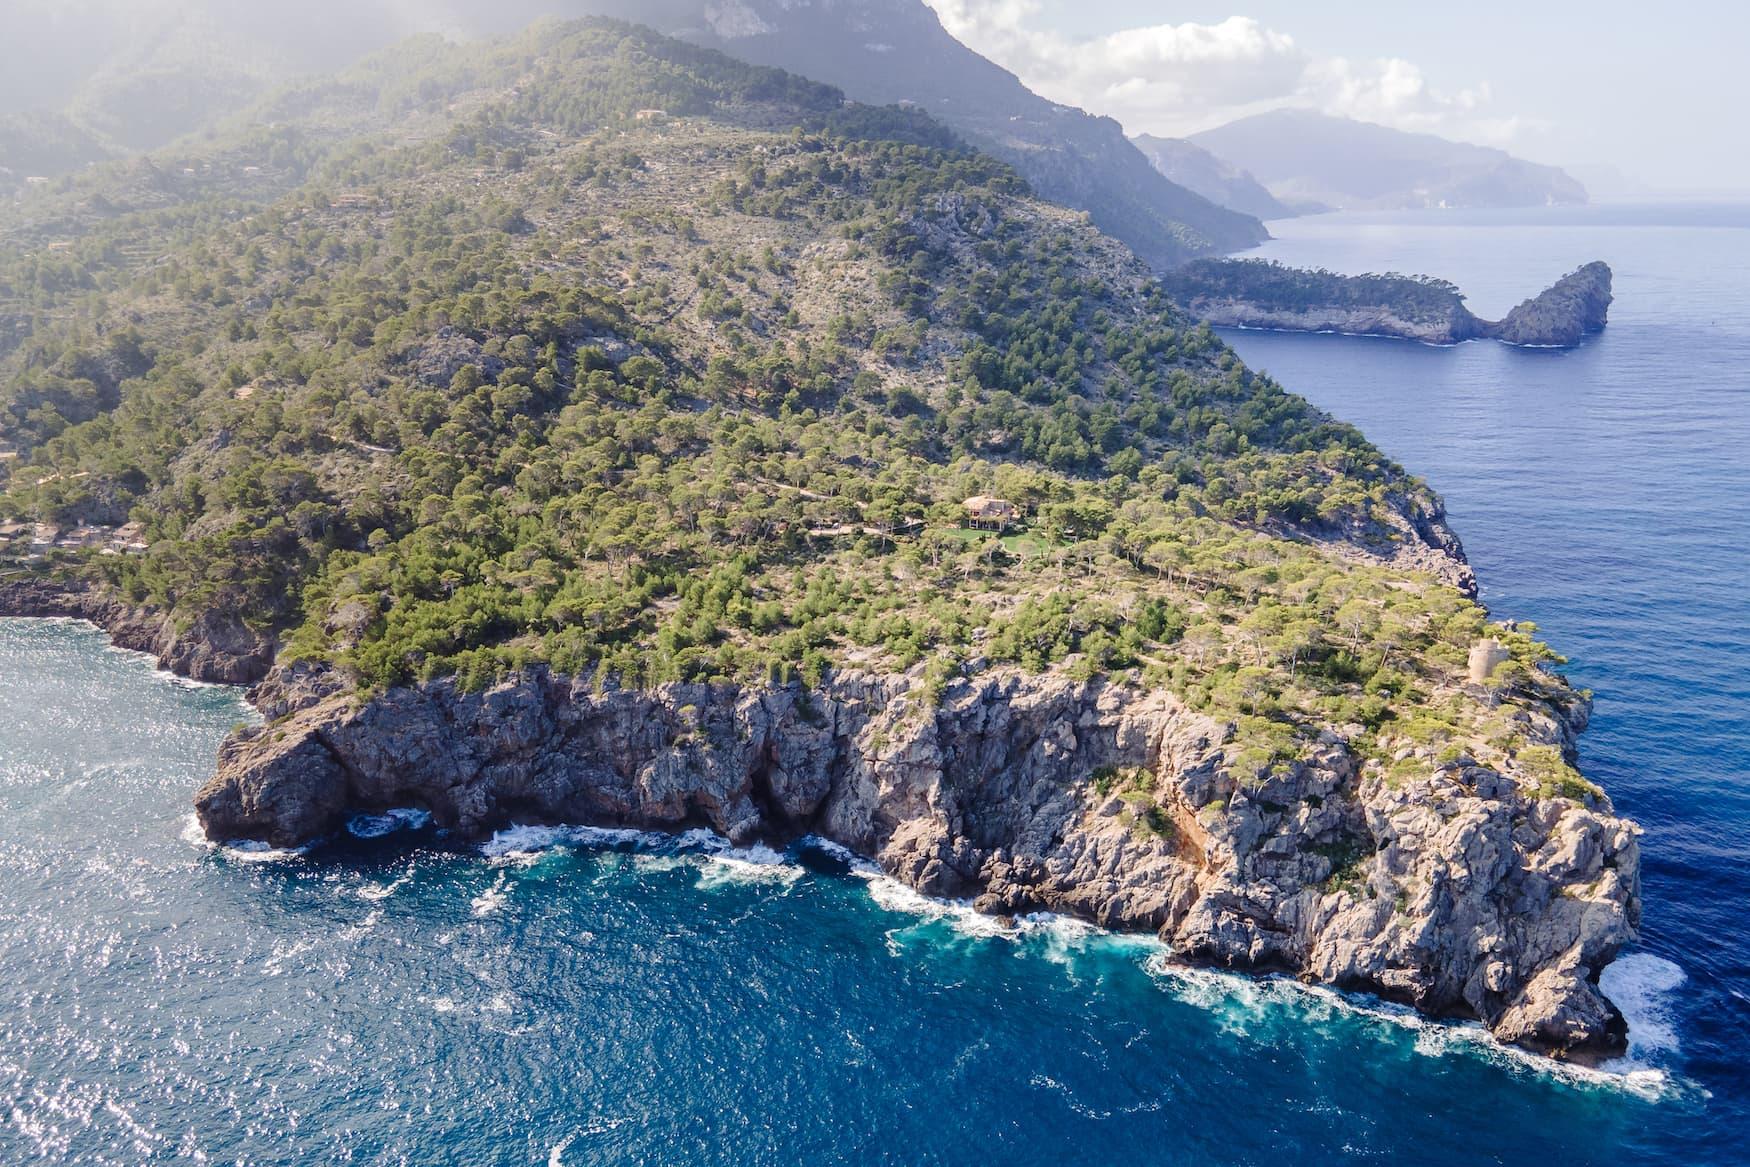 Bucht an der Küste von Mallorca